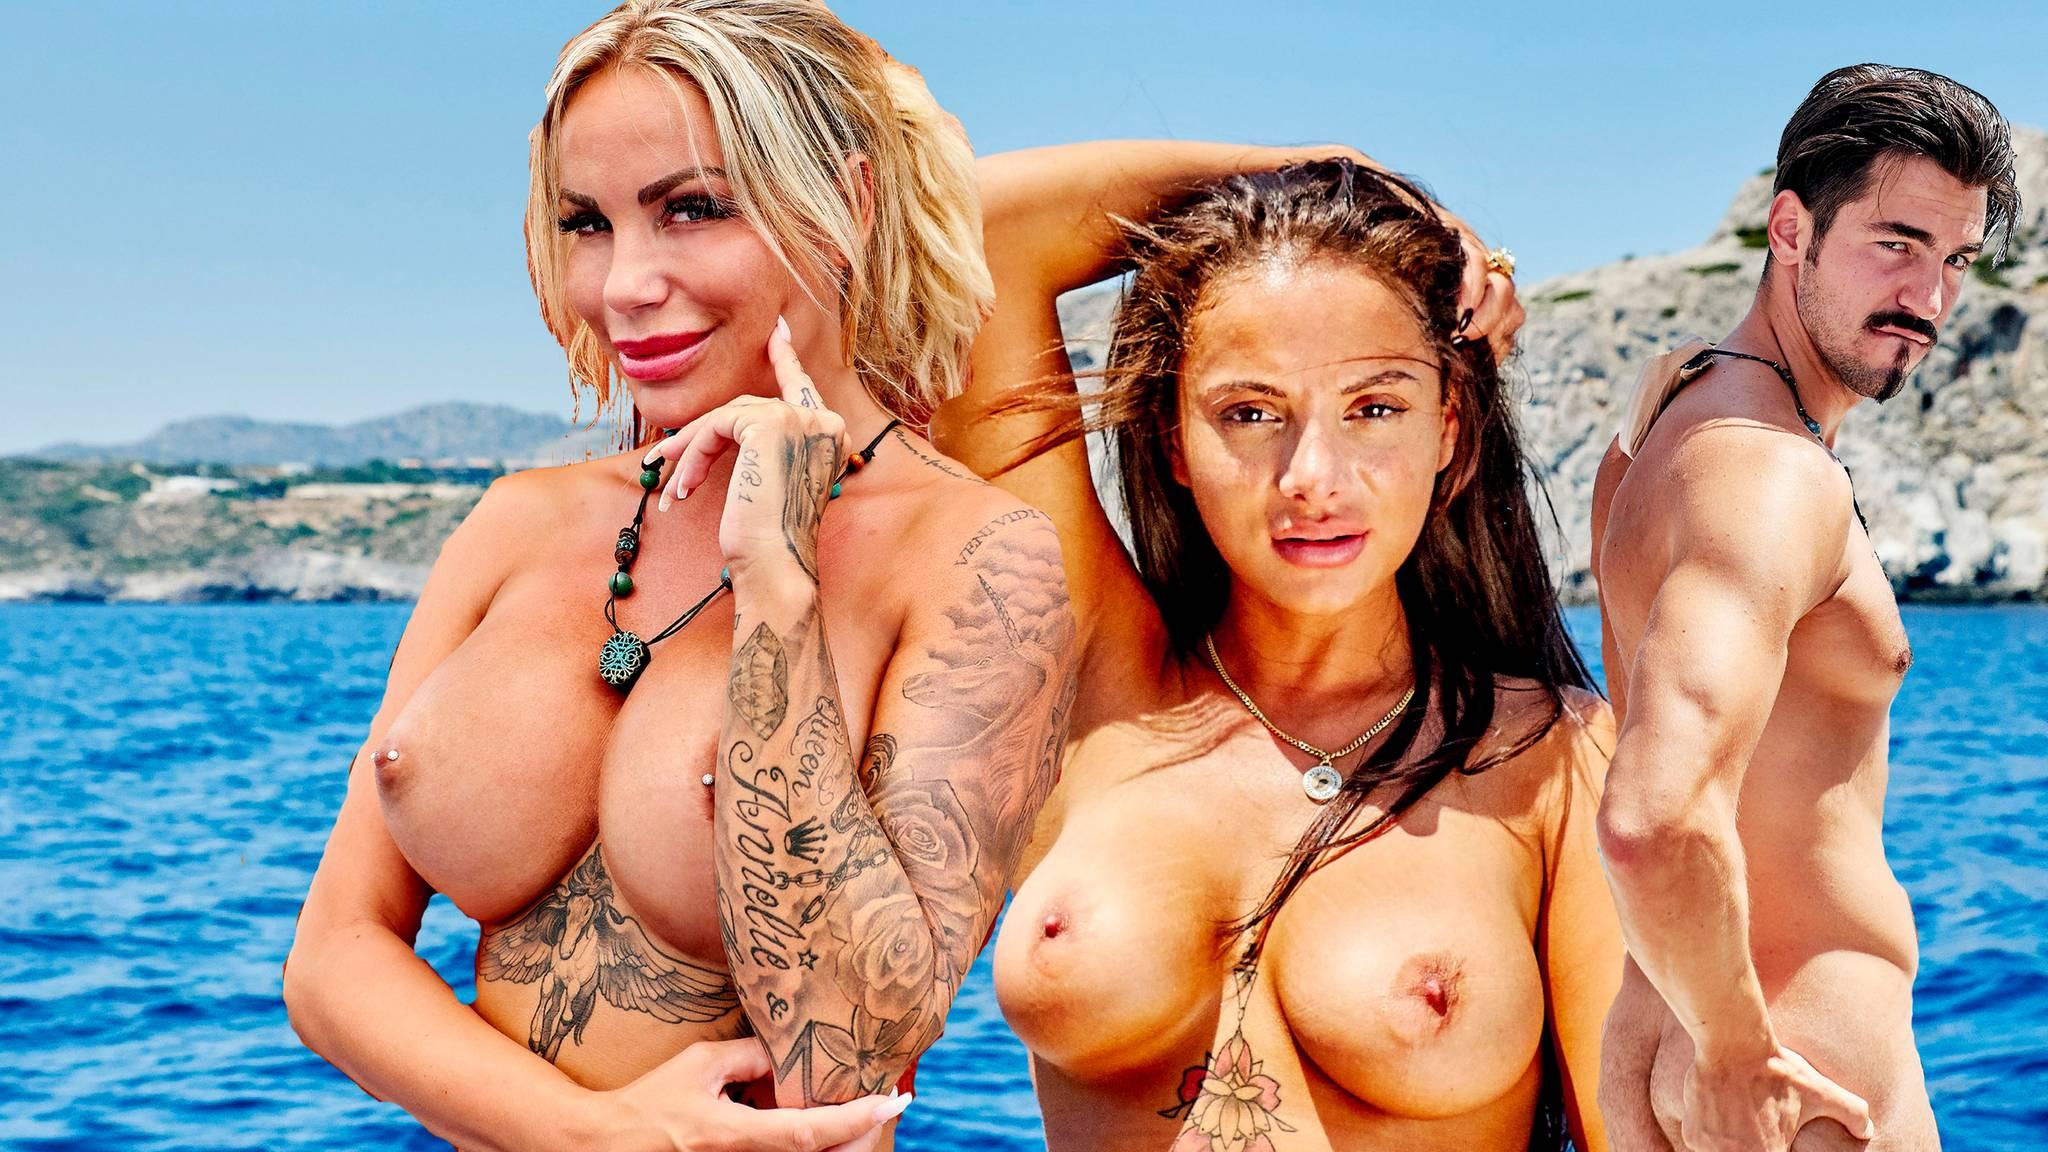 Helene fischer titten nackt